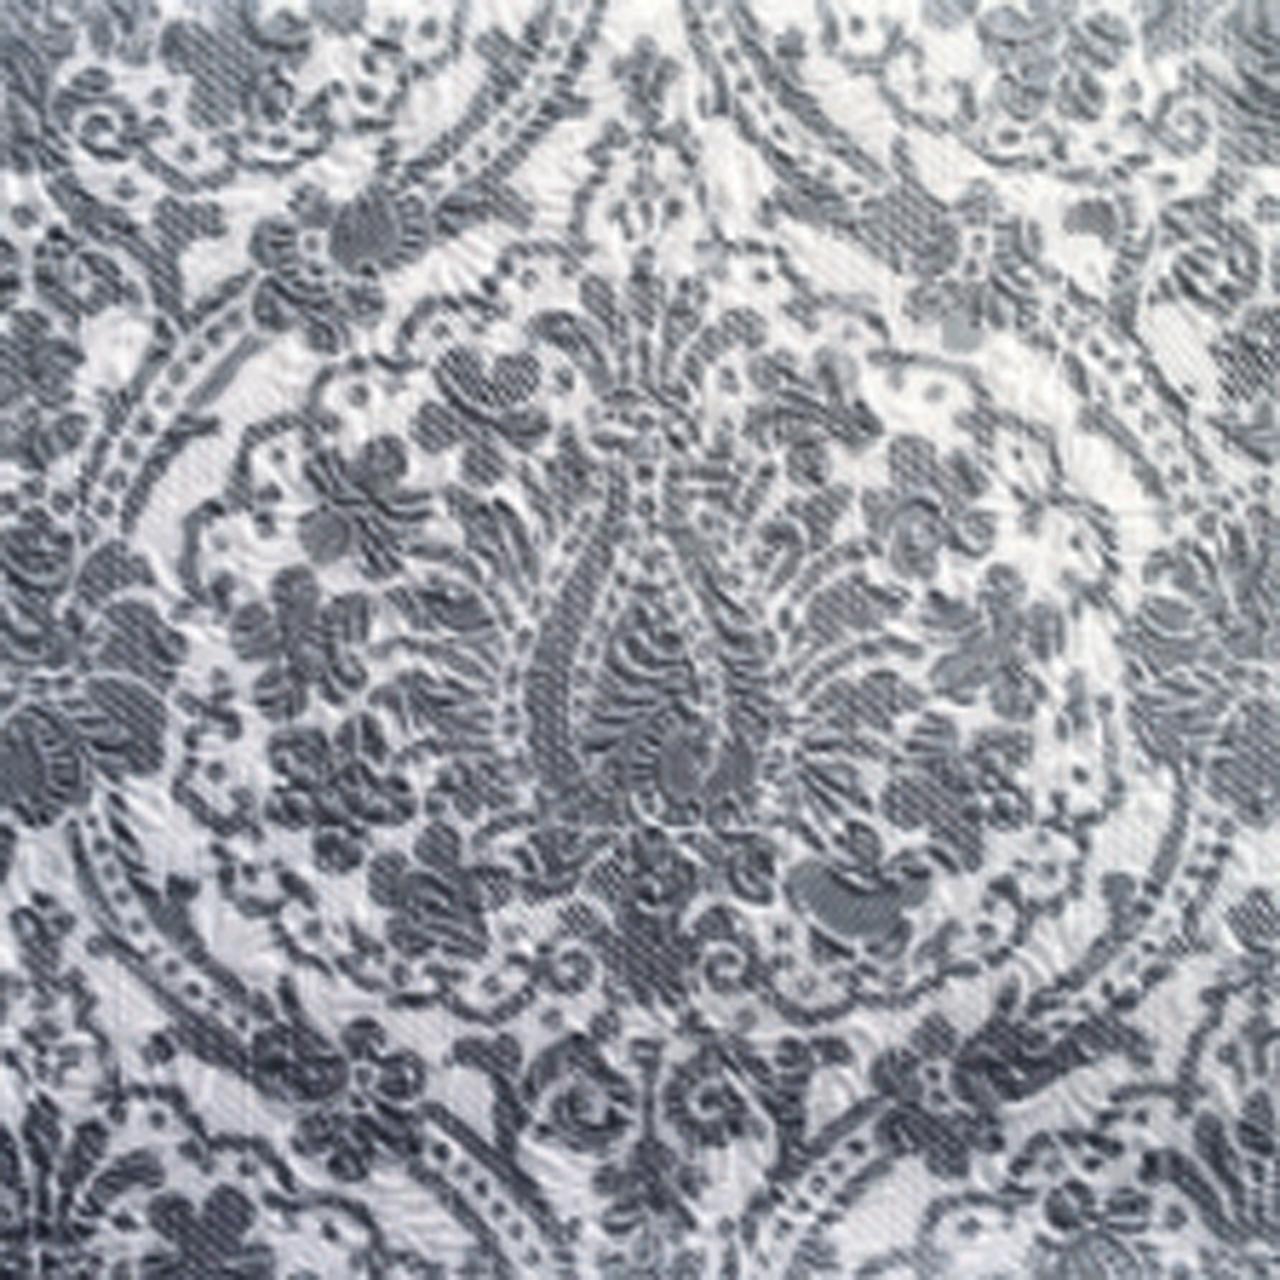 Servetele Decorative Din Hartie Cu Flori Argintii 33 Cm